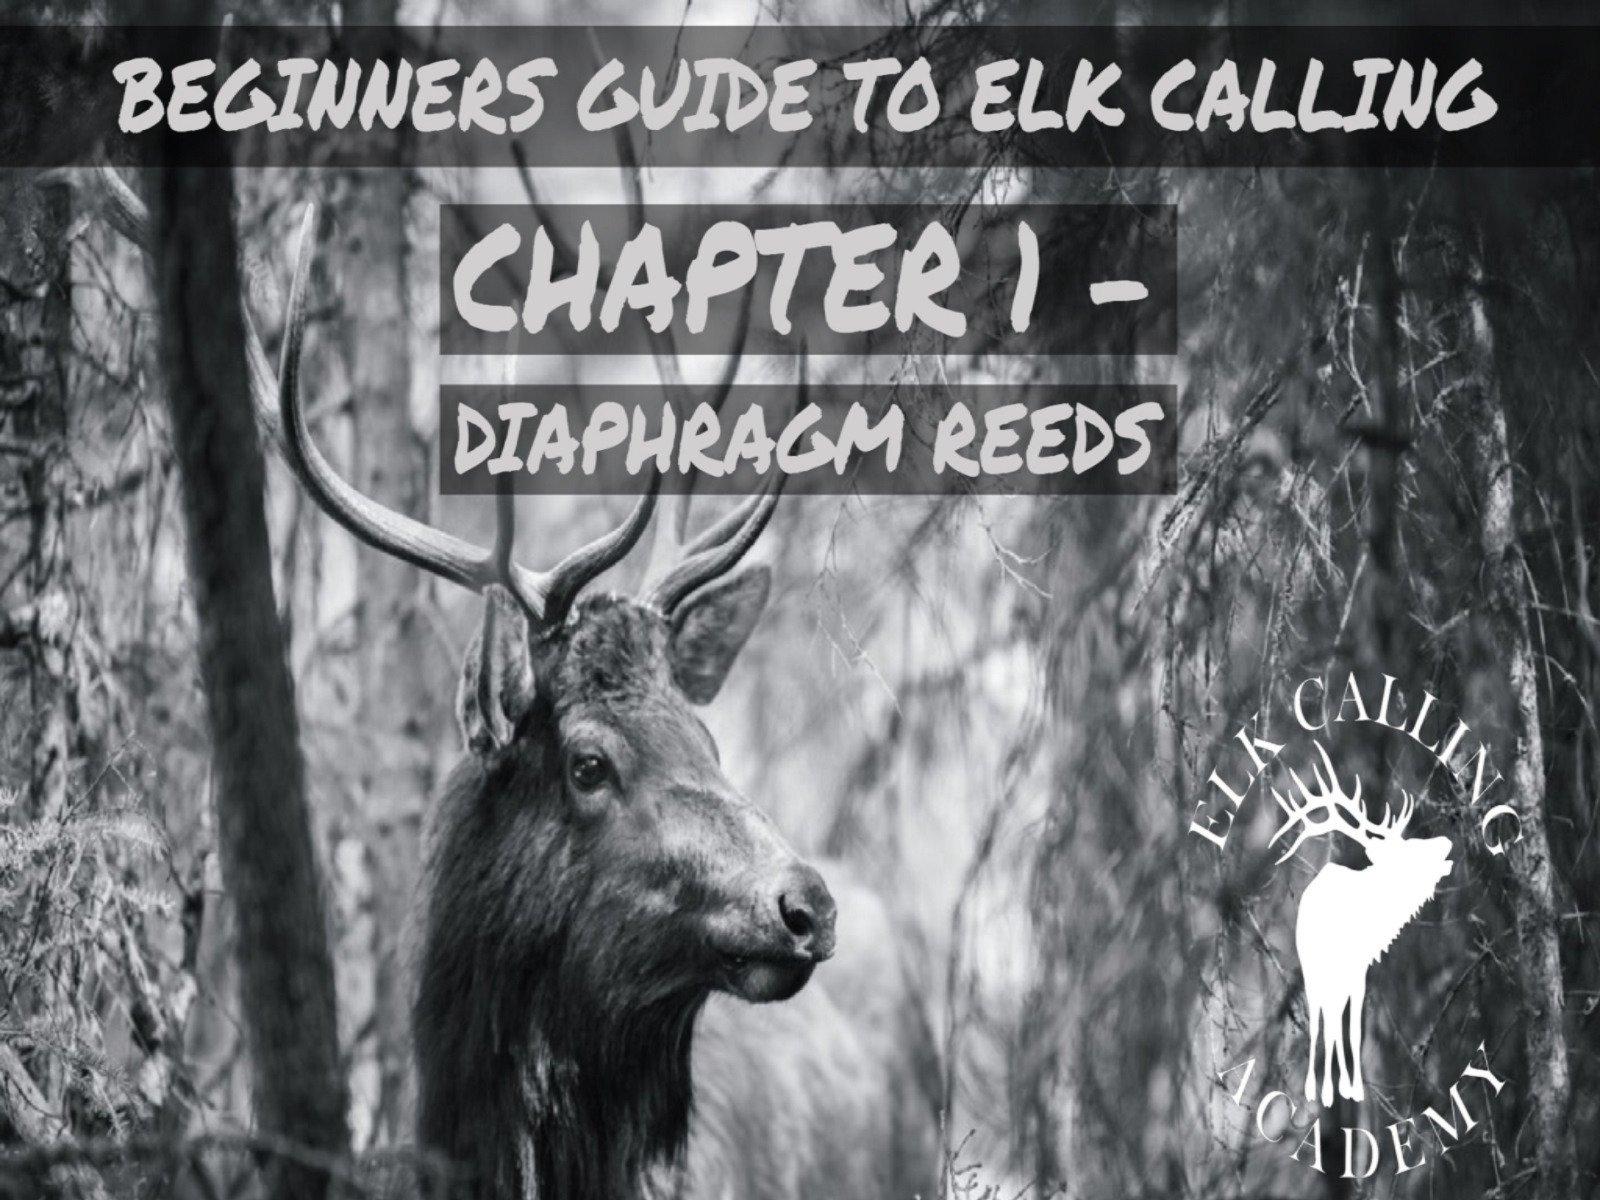 Beginners Guide to Elk Calling - Season 1